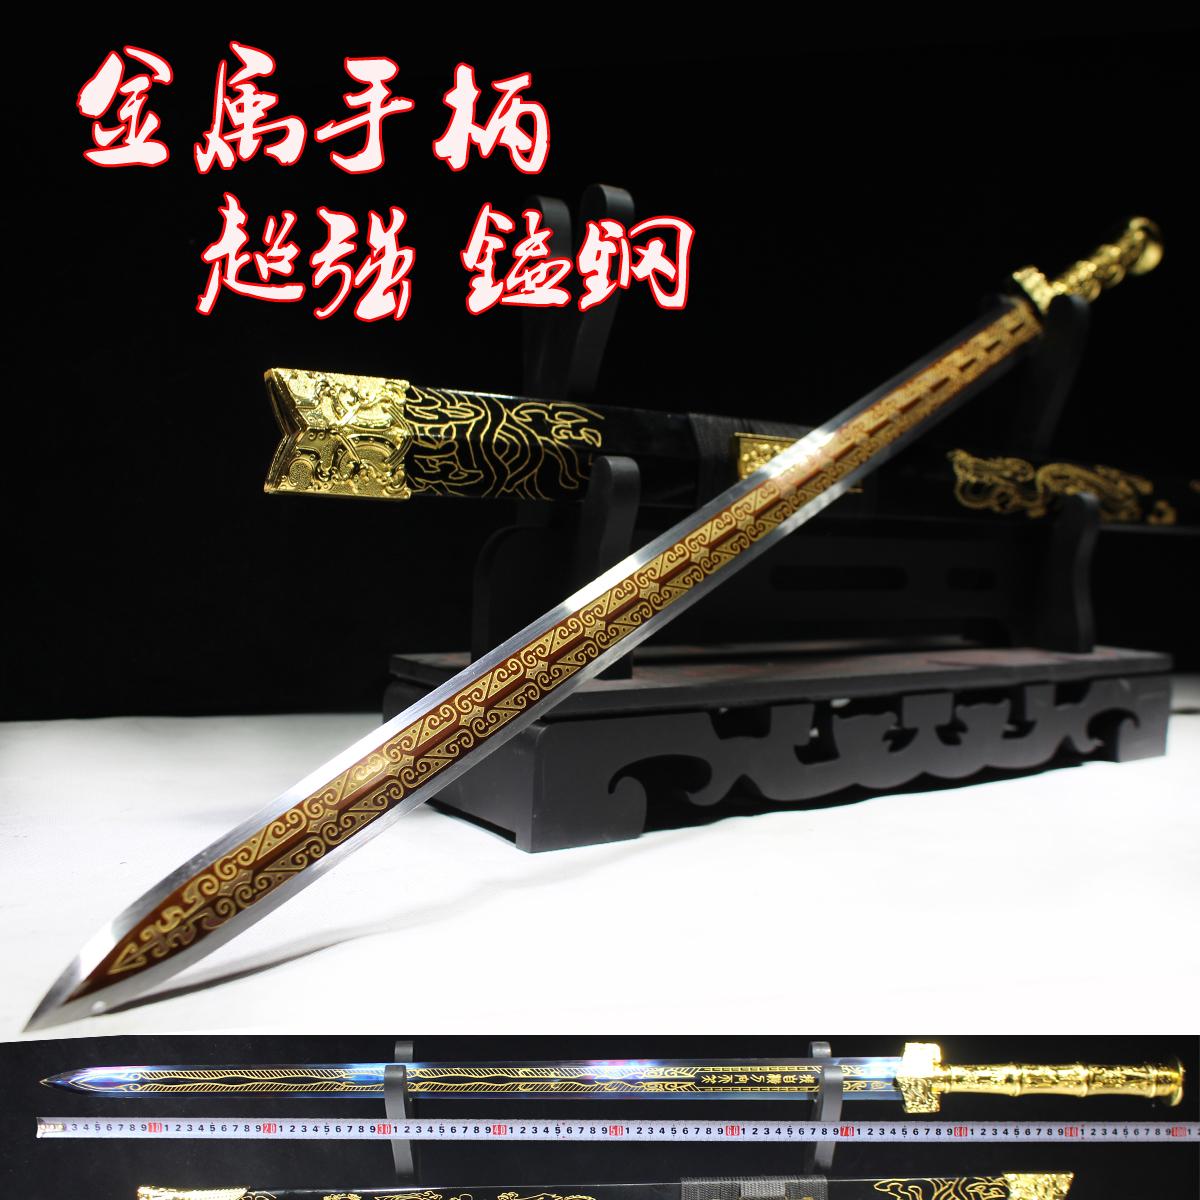 精品宝剑古剑镇宅刀剑冷兵器硬剑手工长剑锰钢八面剑未开刃